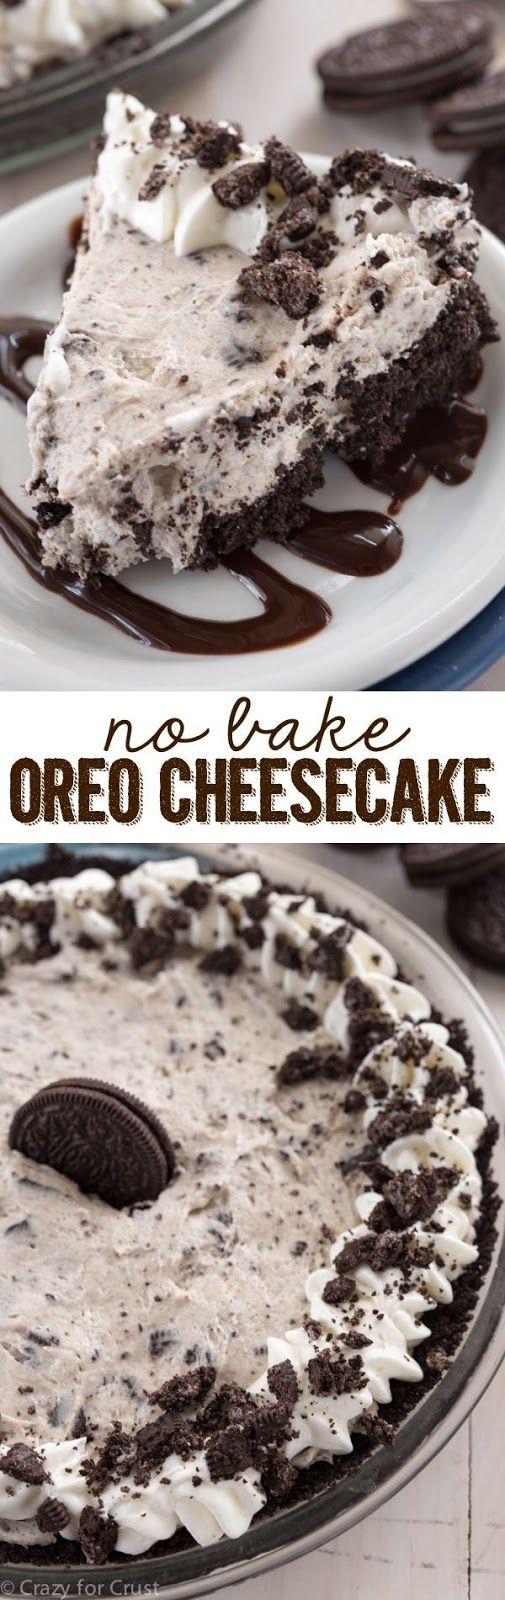 NO BAKE OREO CHEESECAKE   Pife